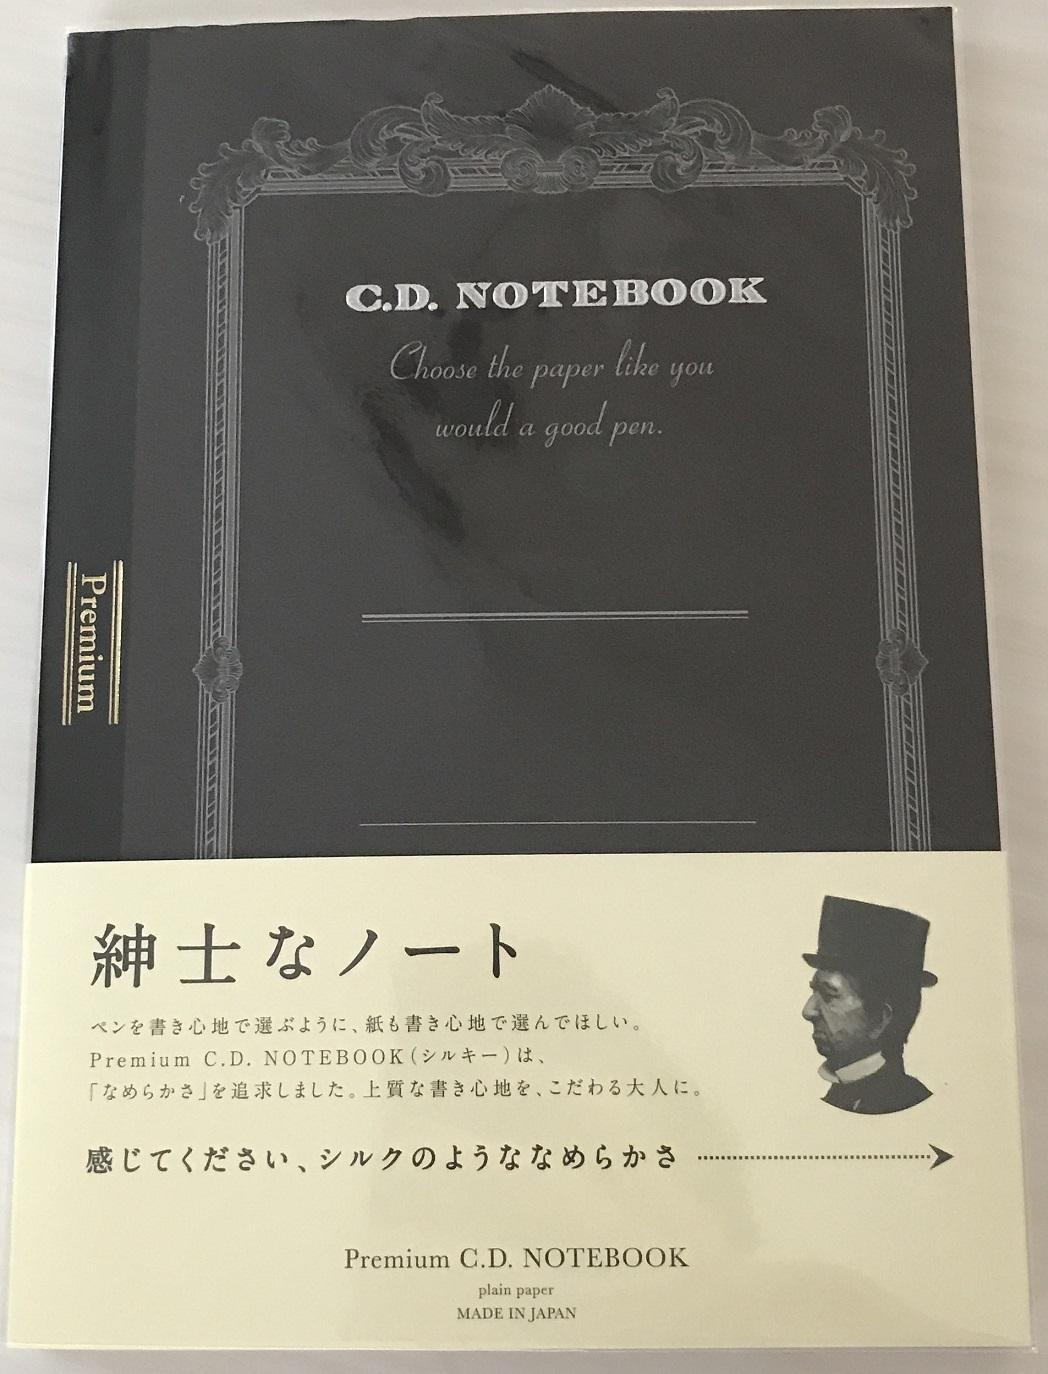 やっぱり良かった紳士なノート